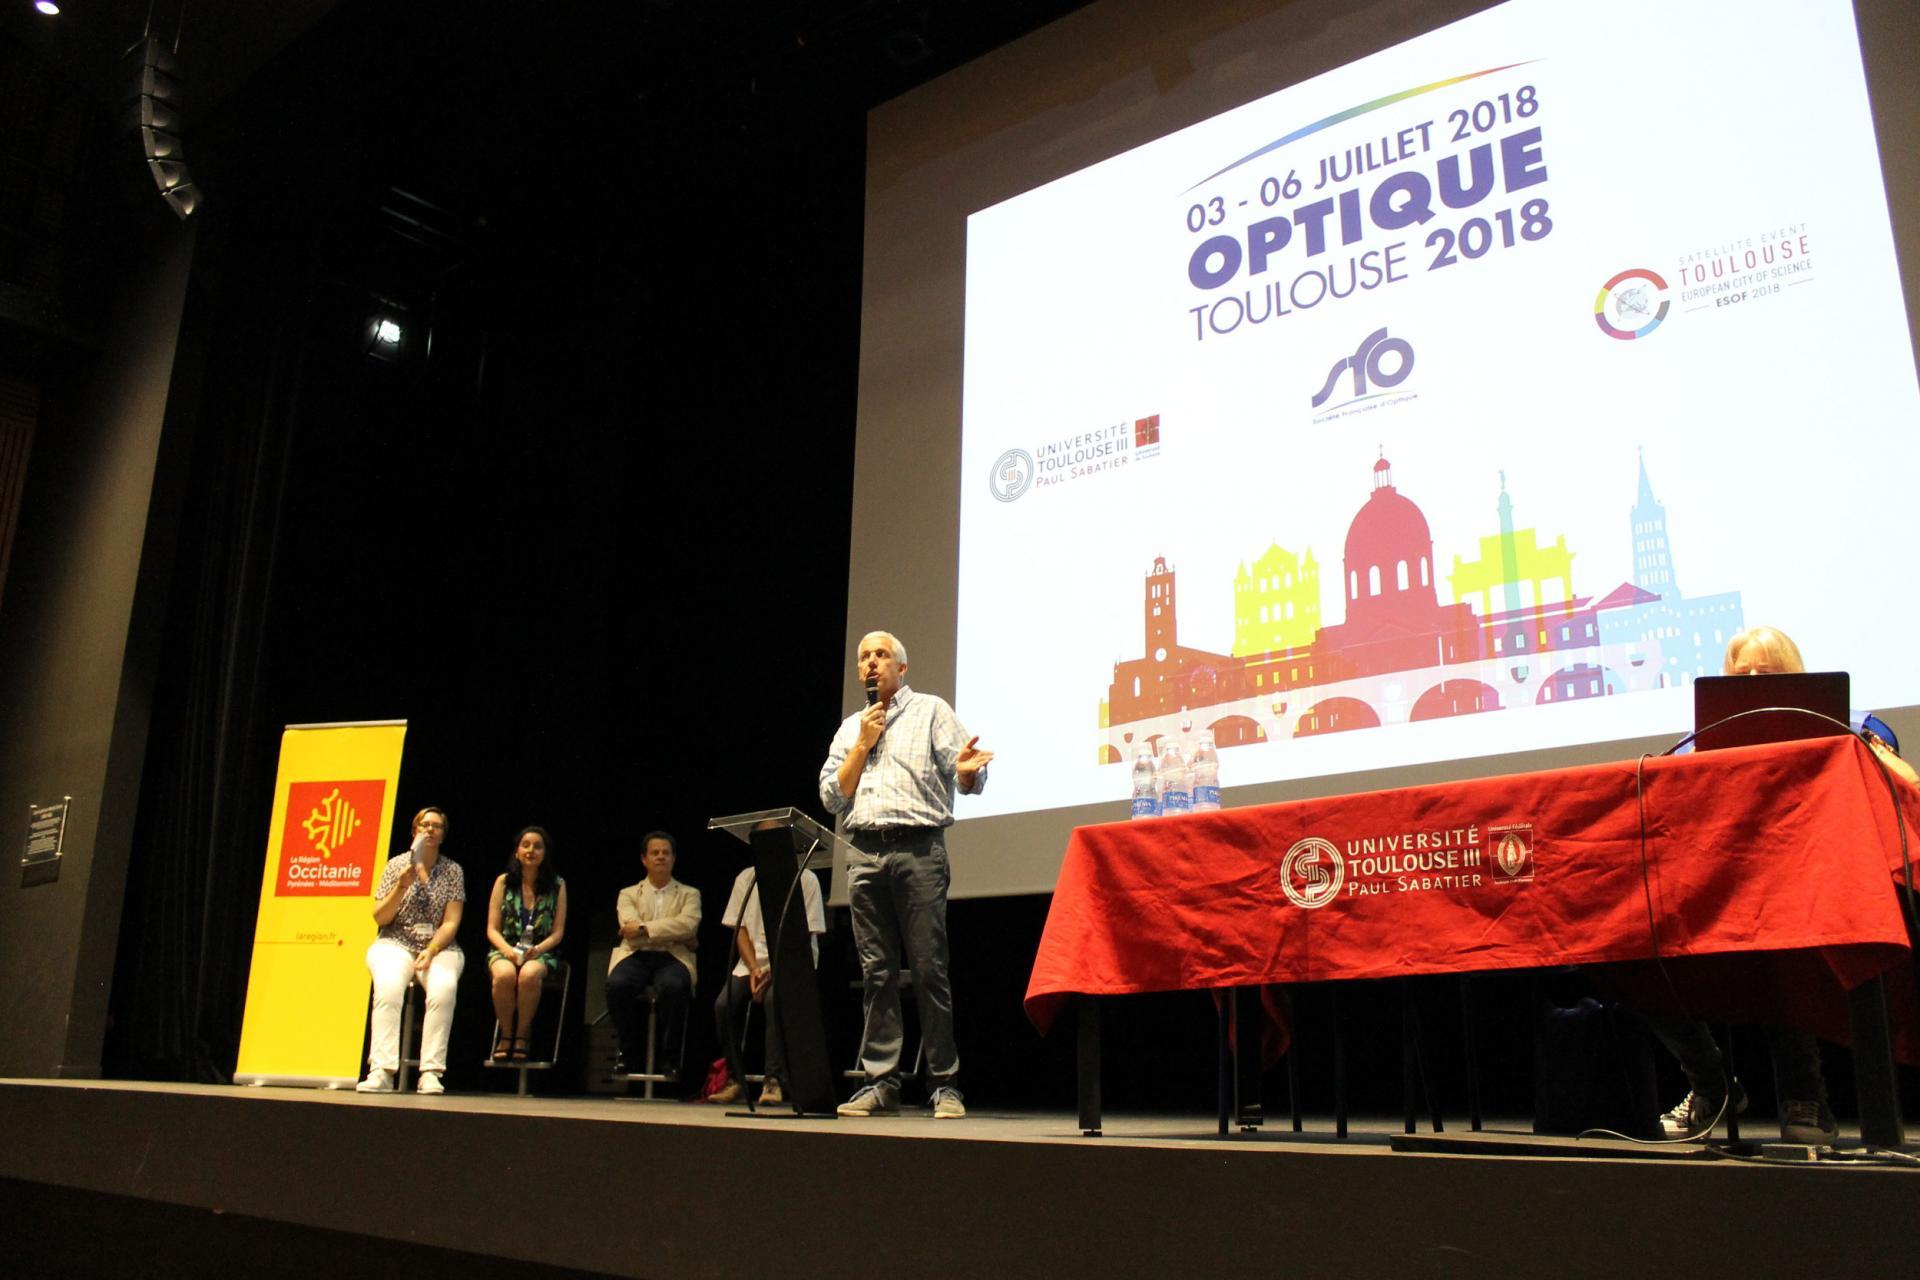 OPTIQUE Toulouse 2018